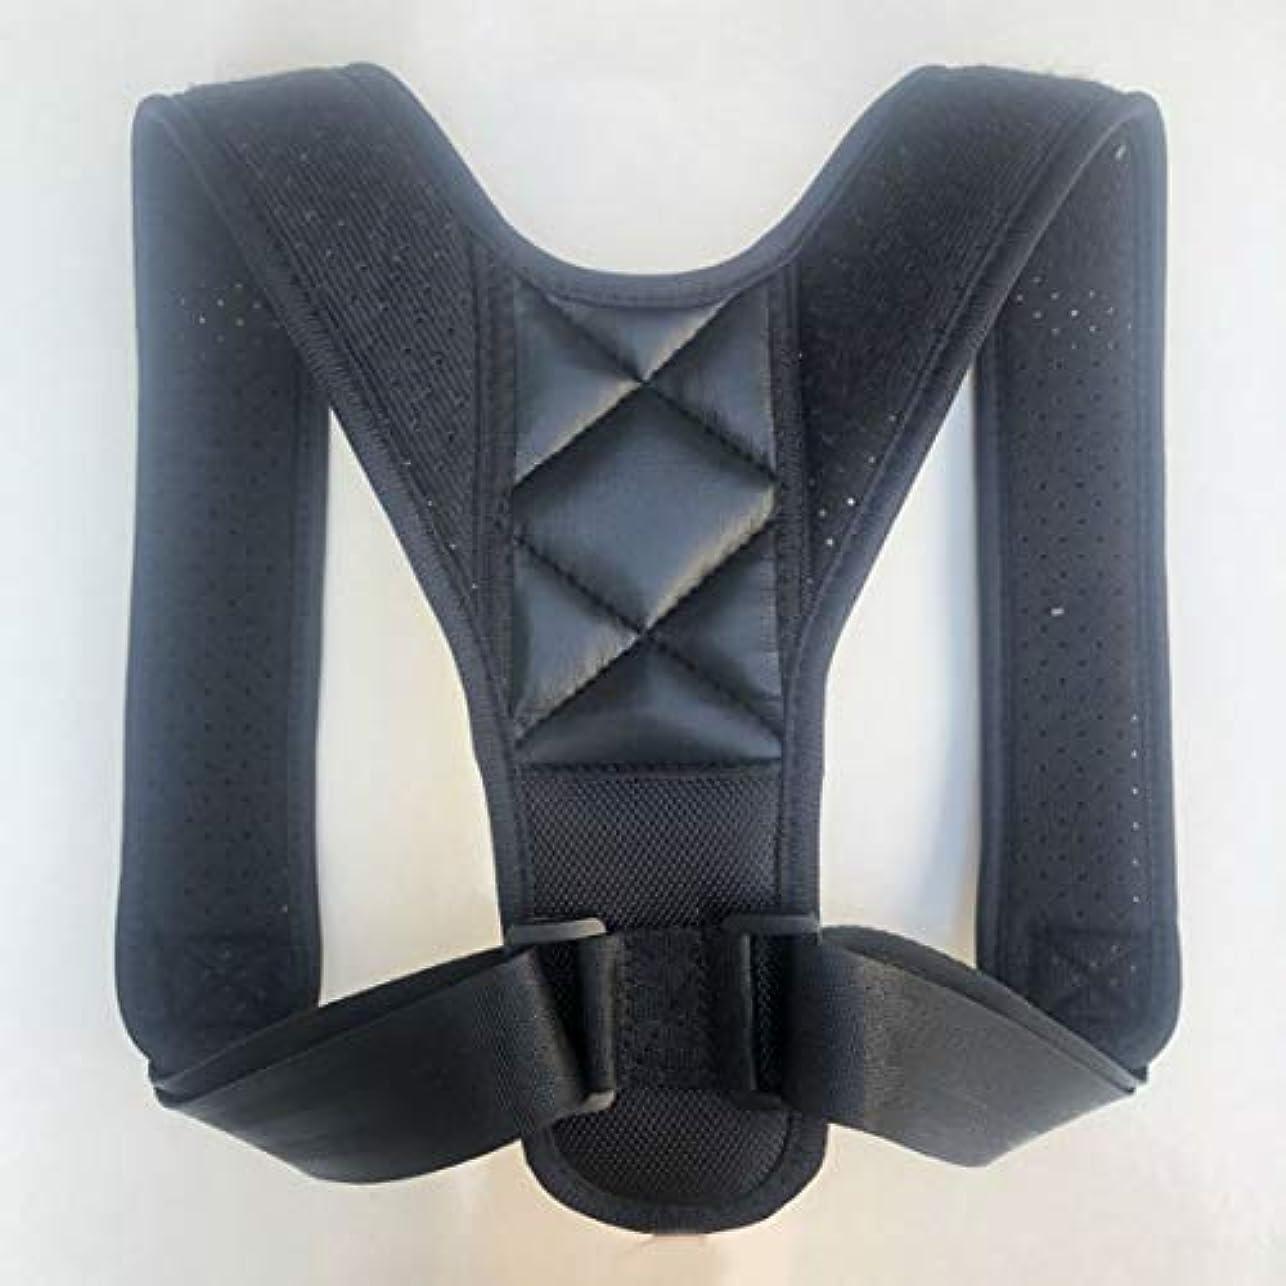 巨大な飛躍居住者アッパーバックポスチャーコレクター姿勢鎖骨サポートコレクターバックストレートショルダーブレースストラップコレクター - ブラック